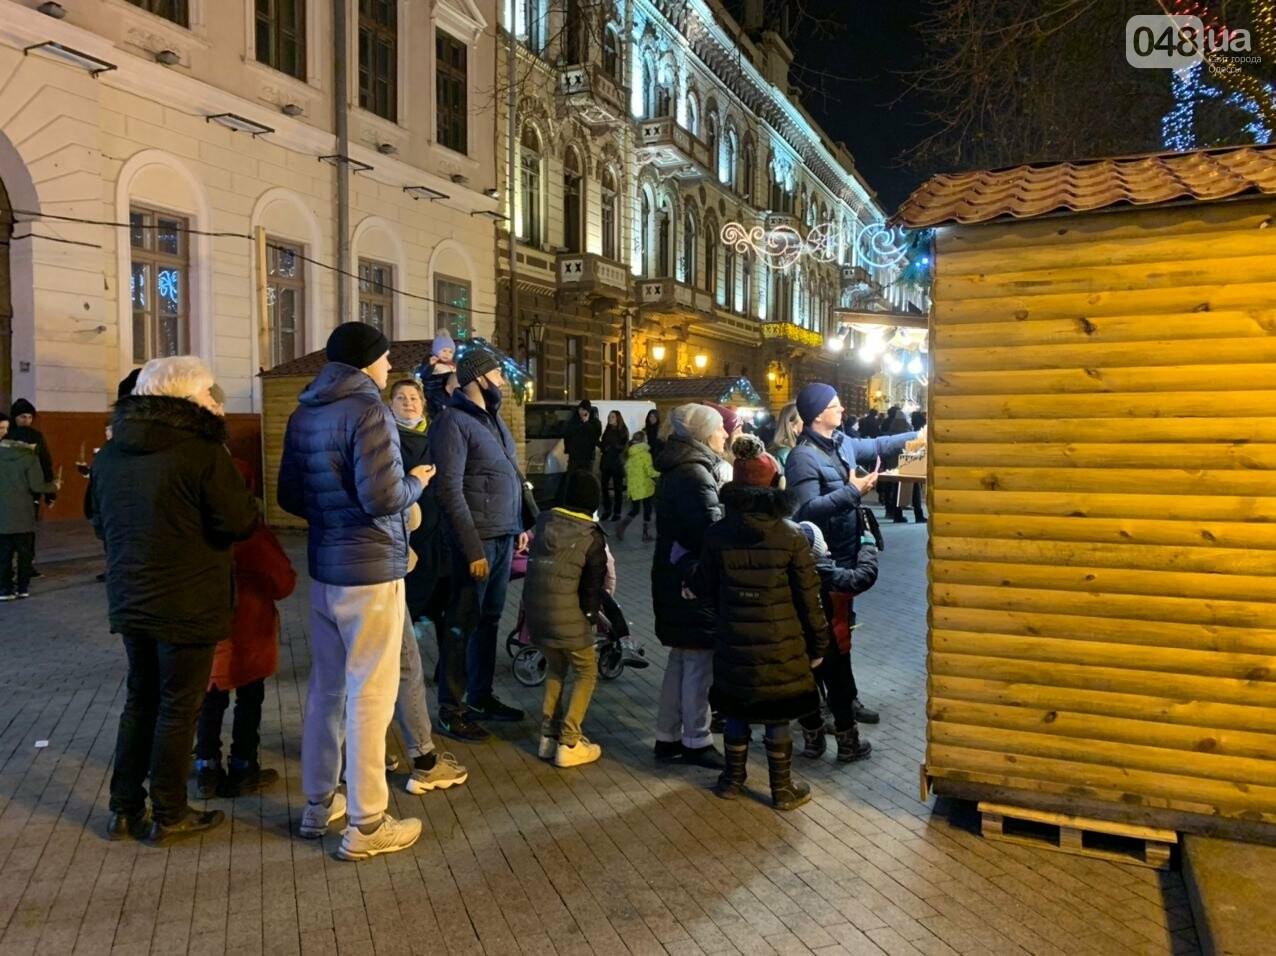 Фоторепортаж: В Одессе зажгли главную елку города, - ФОТО, ВИДЕО, фото-11